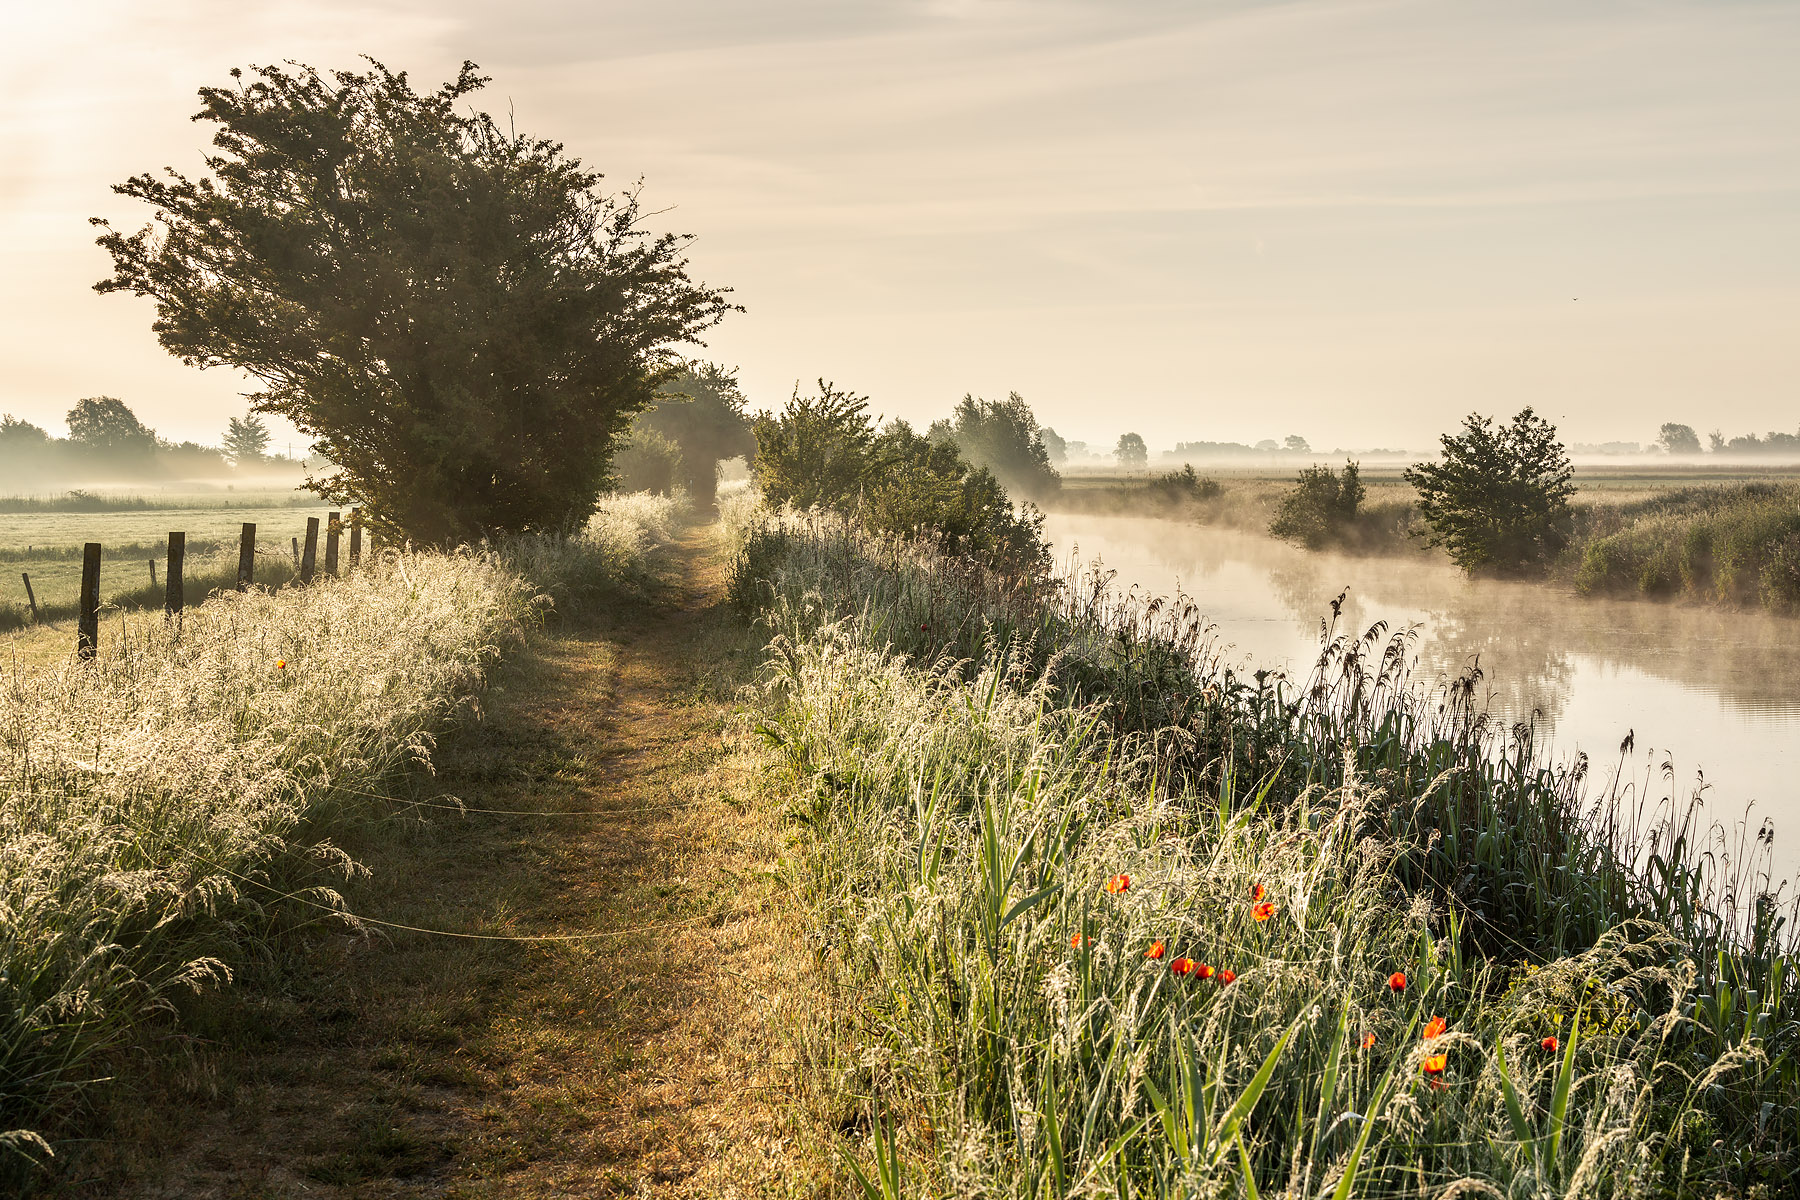 Het prachtige landschap rondom Fintele, Landschapsfotografie in Fintele, Fintele, restaurant De Hooipiete in Fintele, België, Glenn Vanderbeke